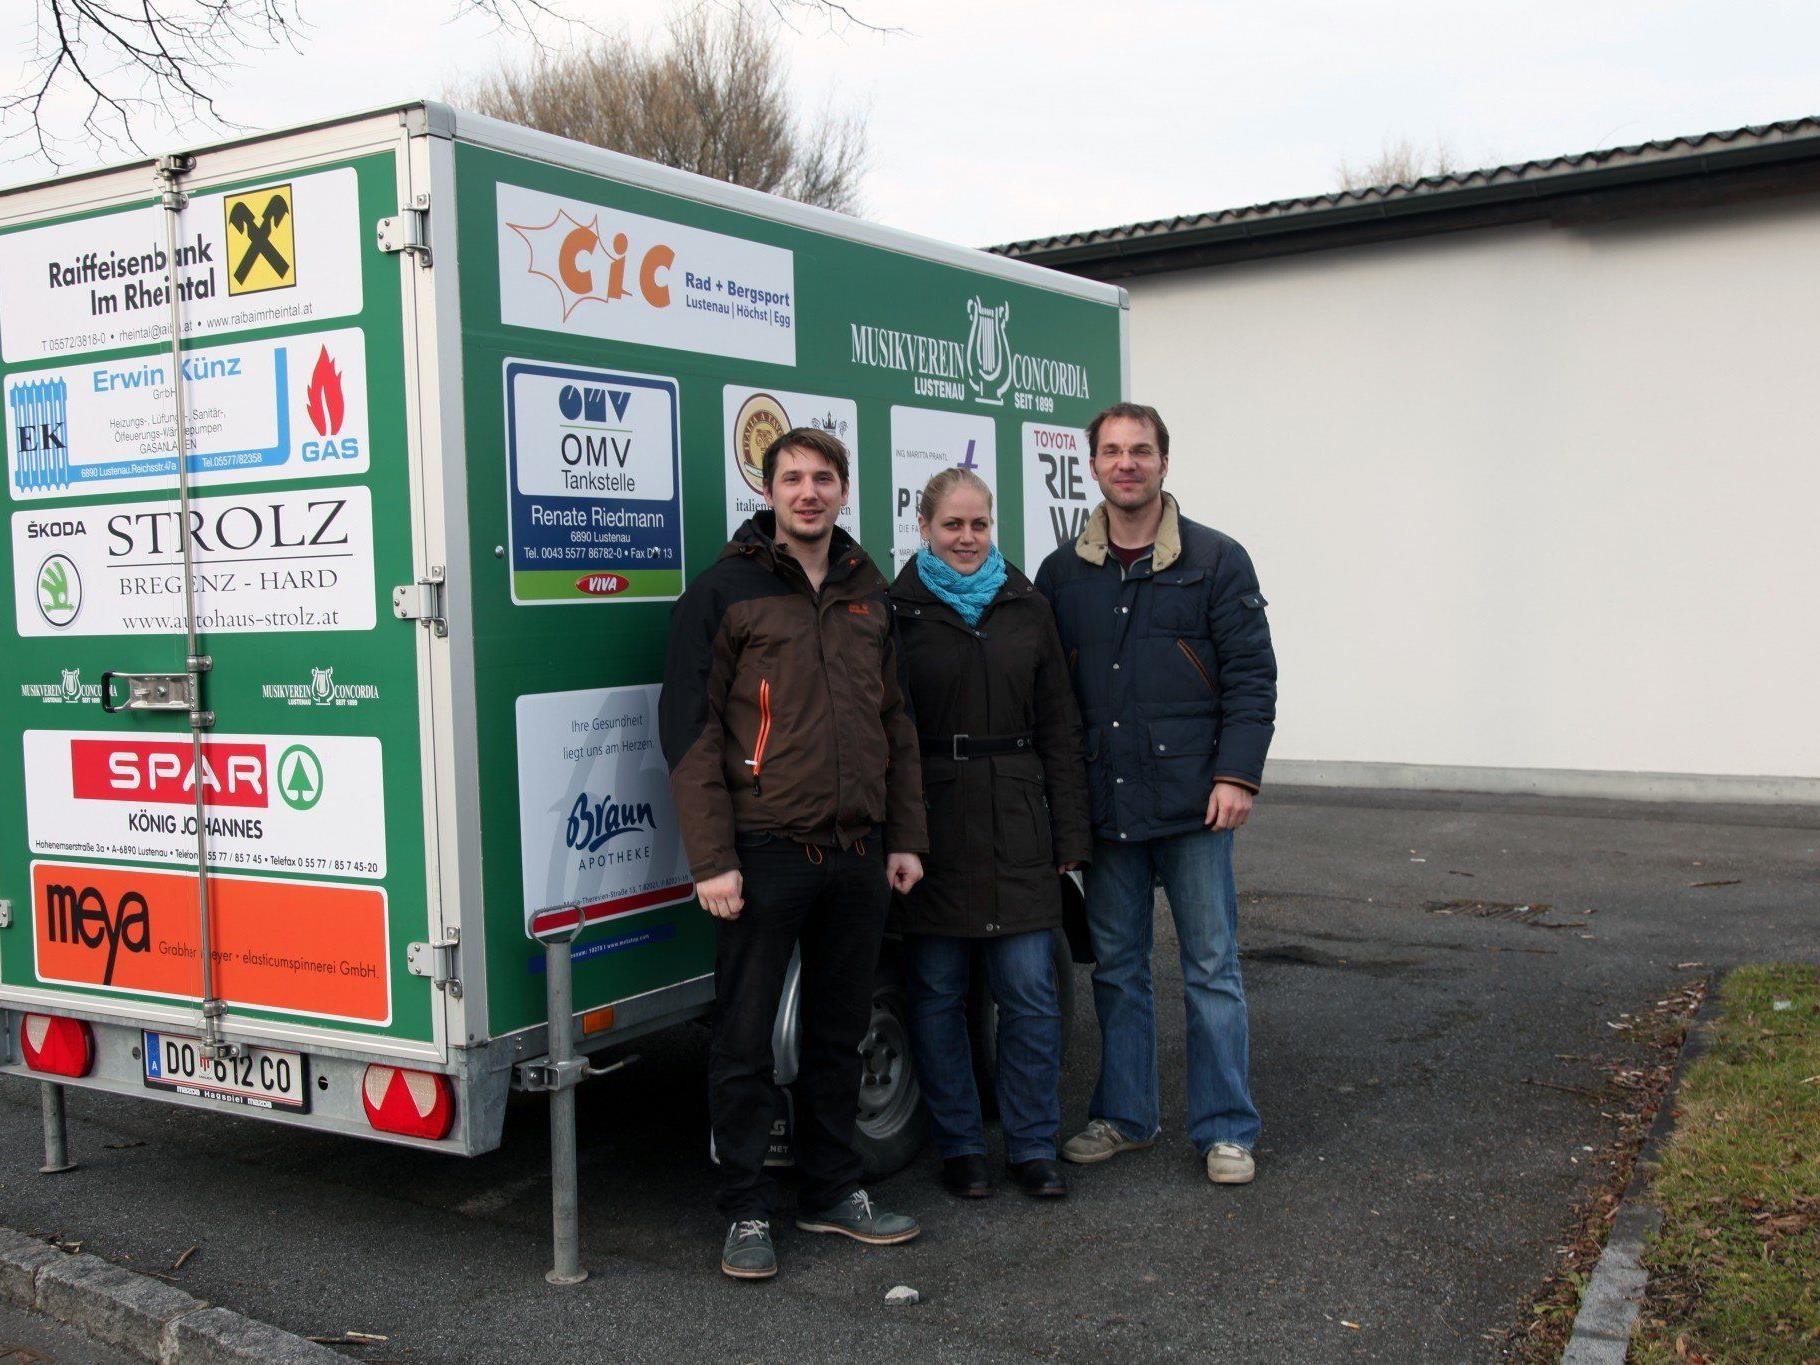 Christian Lapitz, Theresa Hämmerle und Obmann Oliver Huber freuen sich über den neu gestalteten Anhänger.